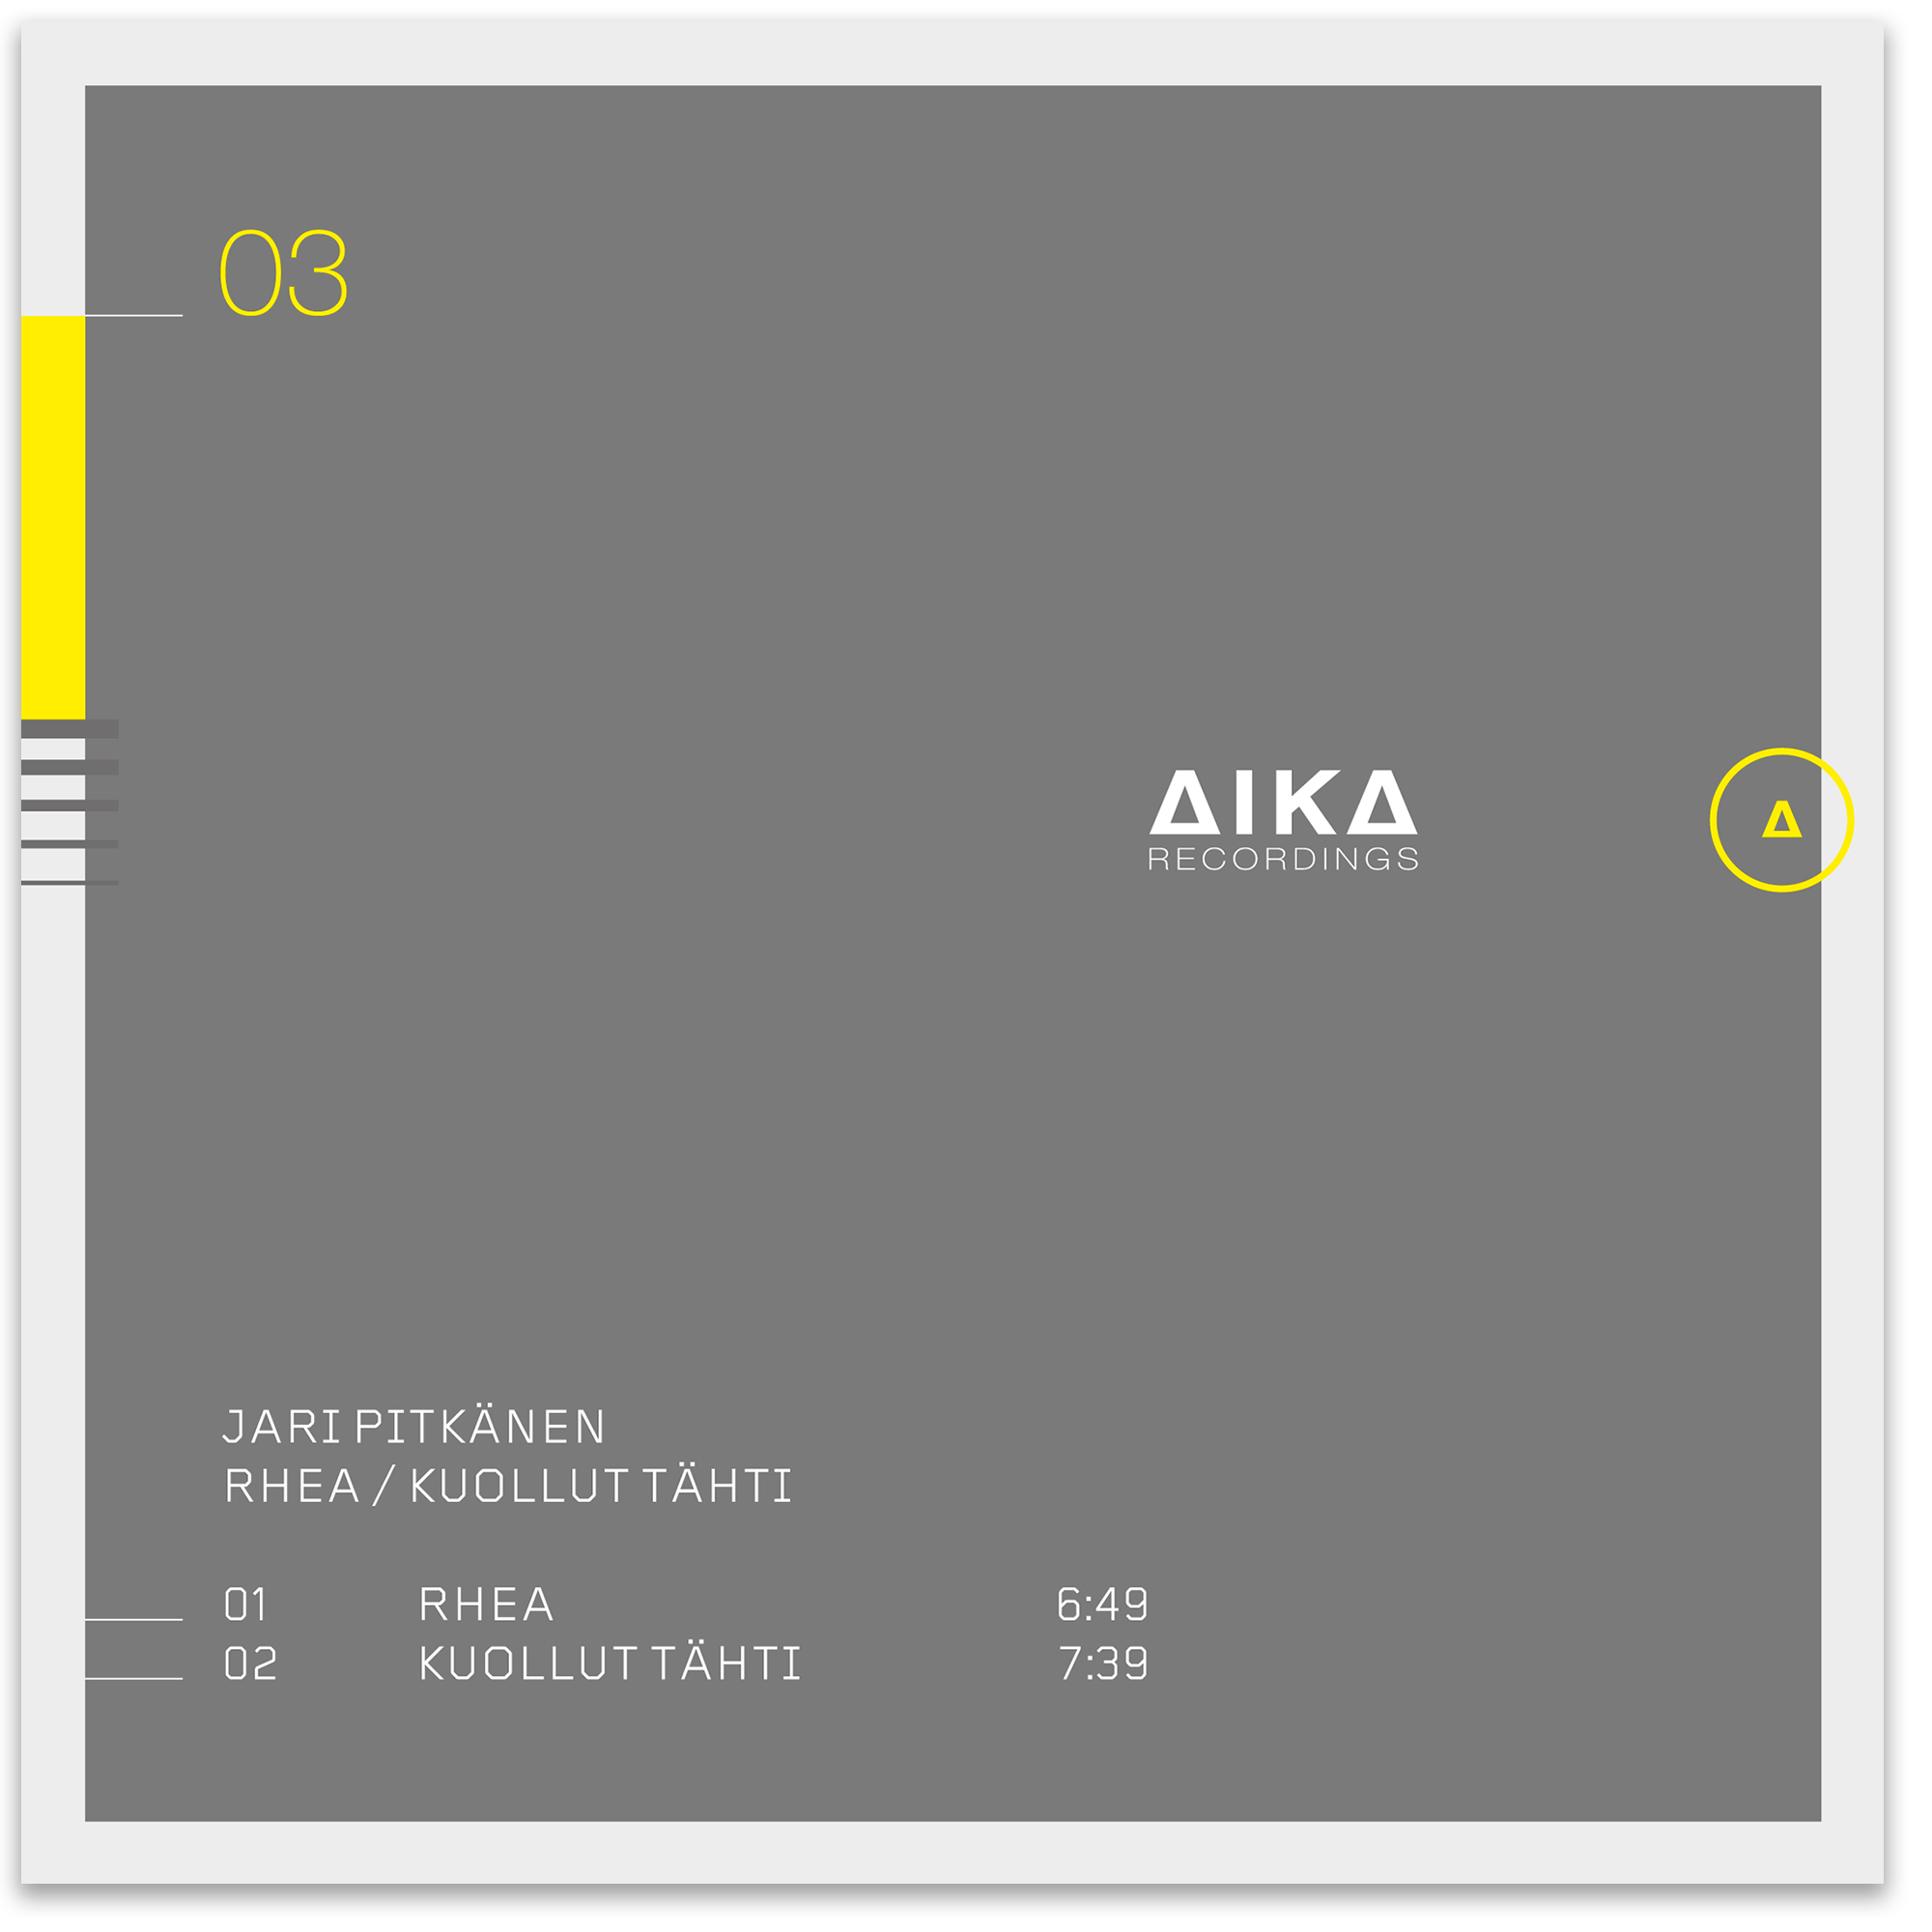 Jari Pitkänen aika recordings